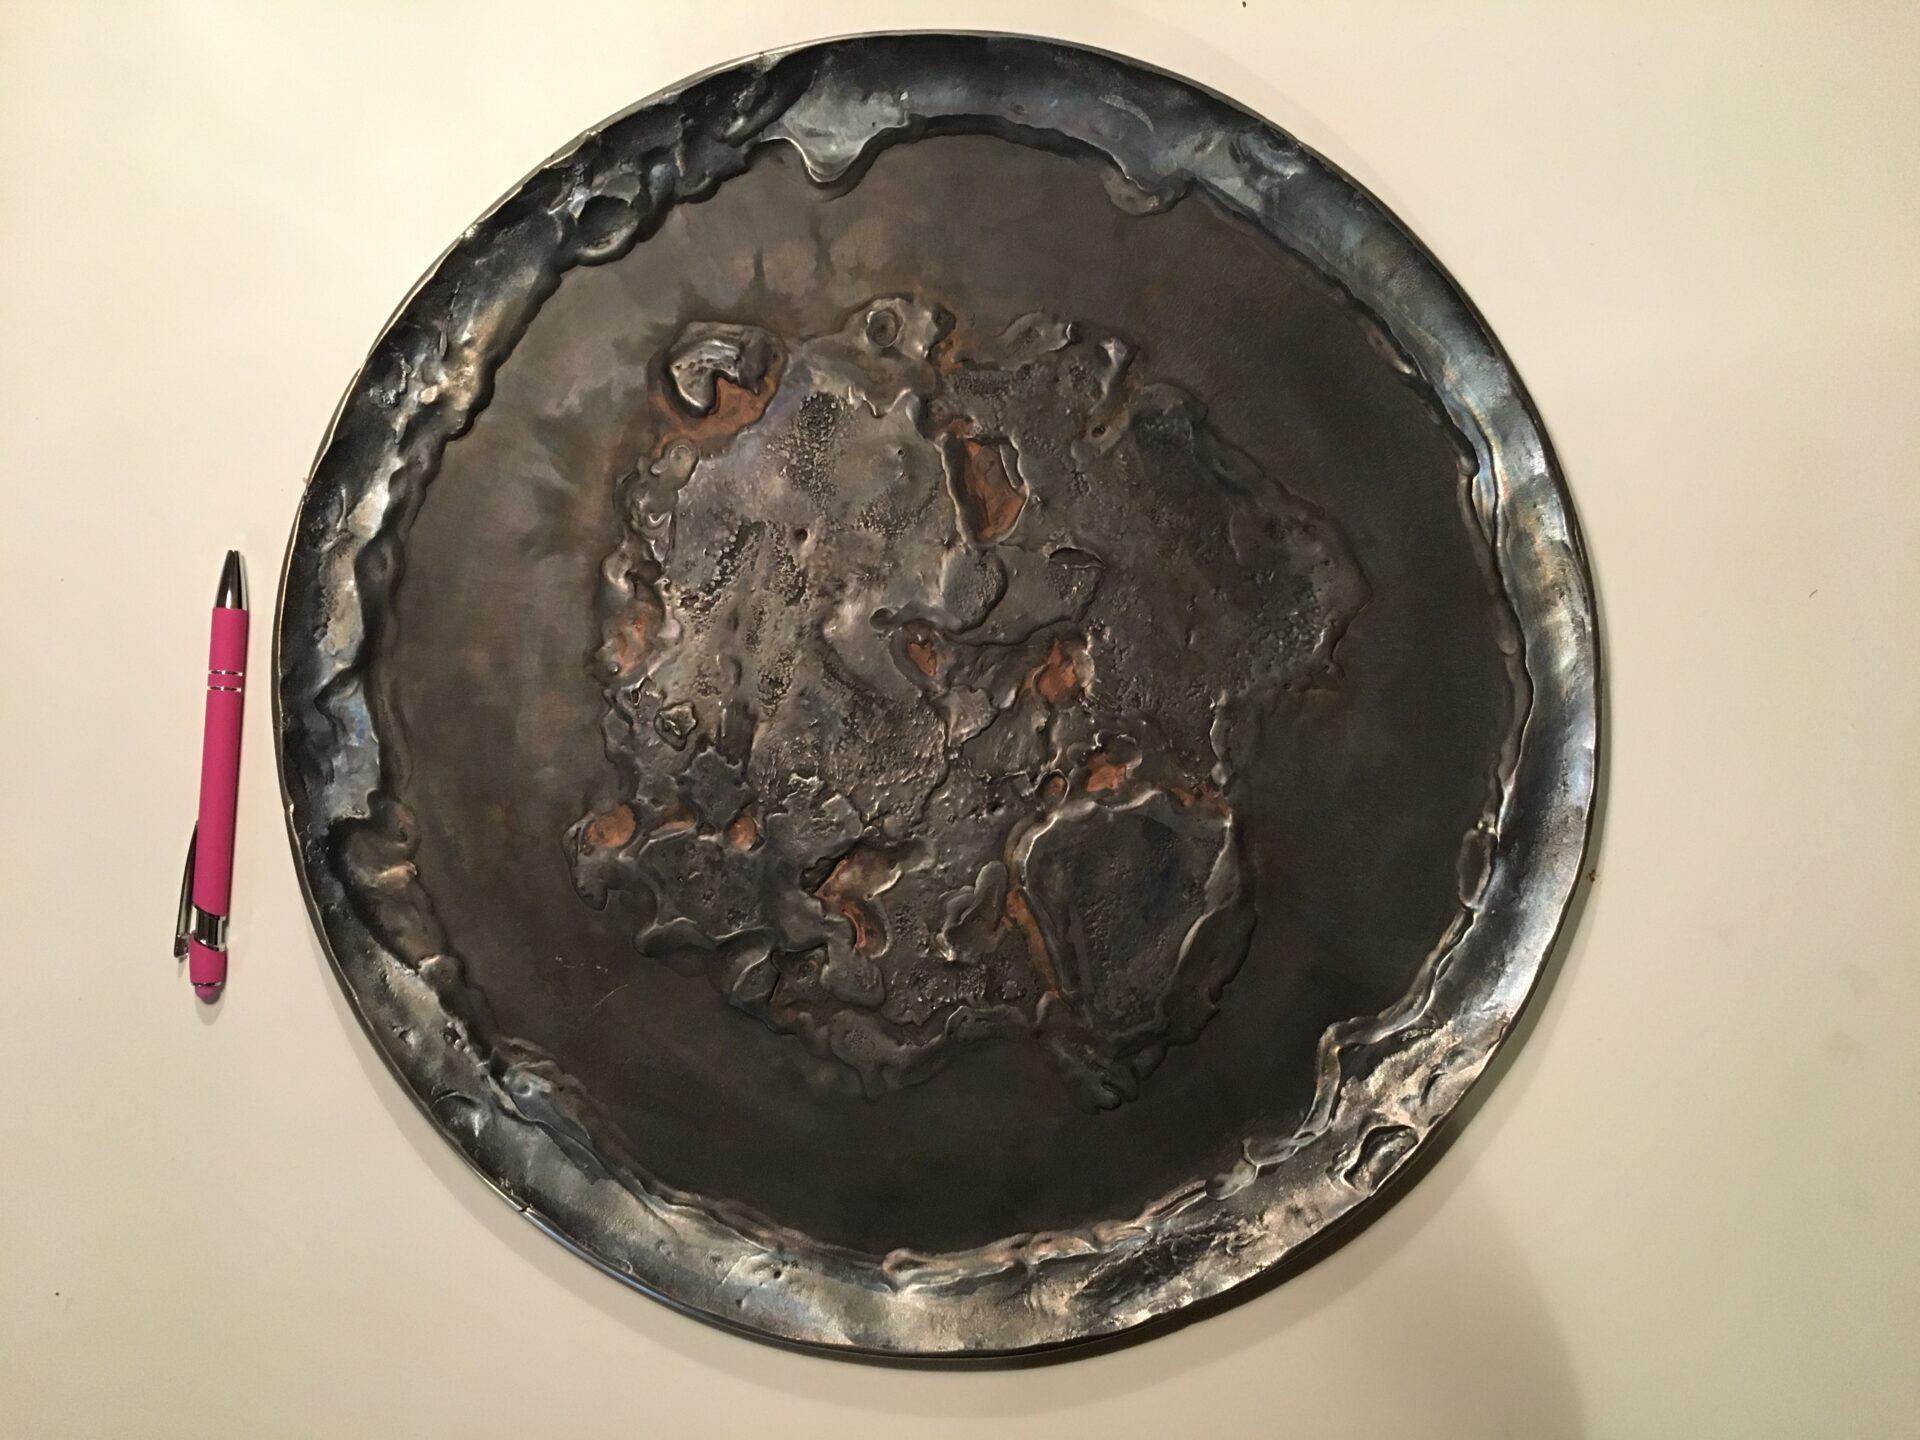 stort metal fad til Vægophæng, d=43 cm, signeret J.D. Flansmose, 81, pris 500 kr